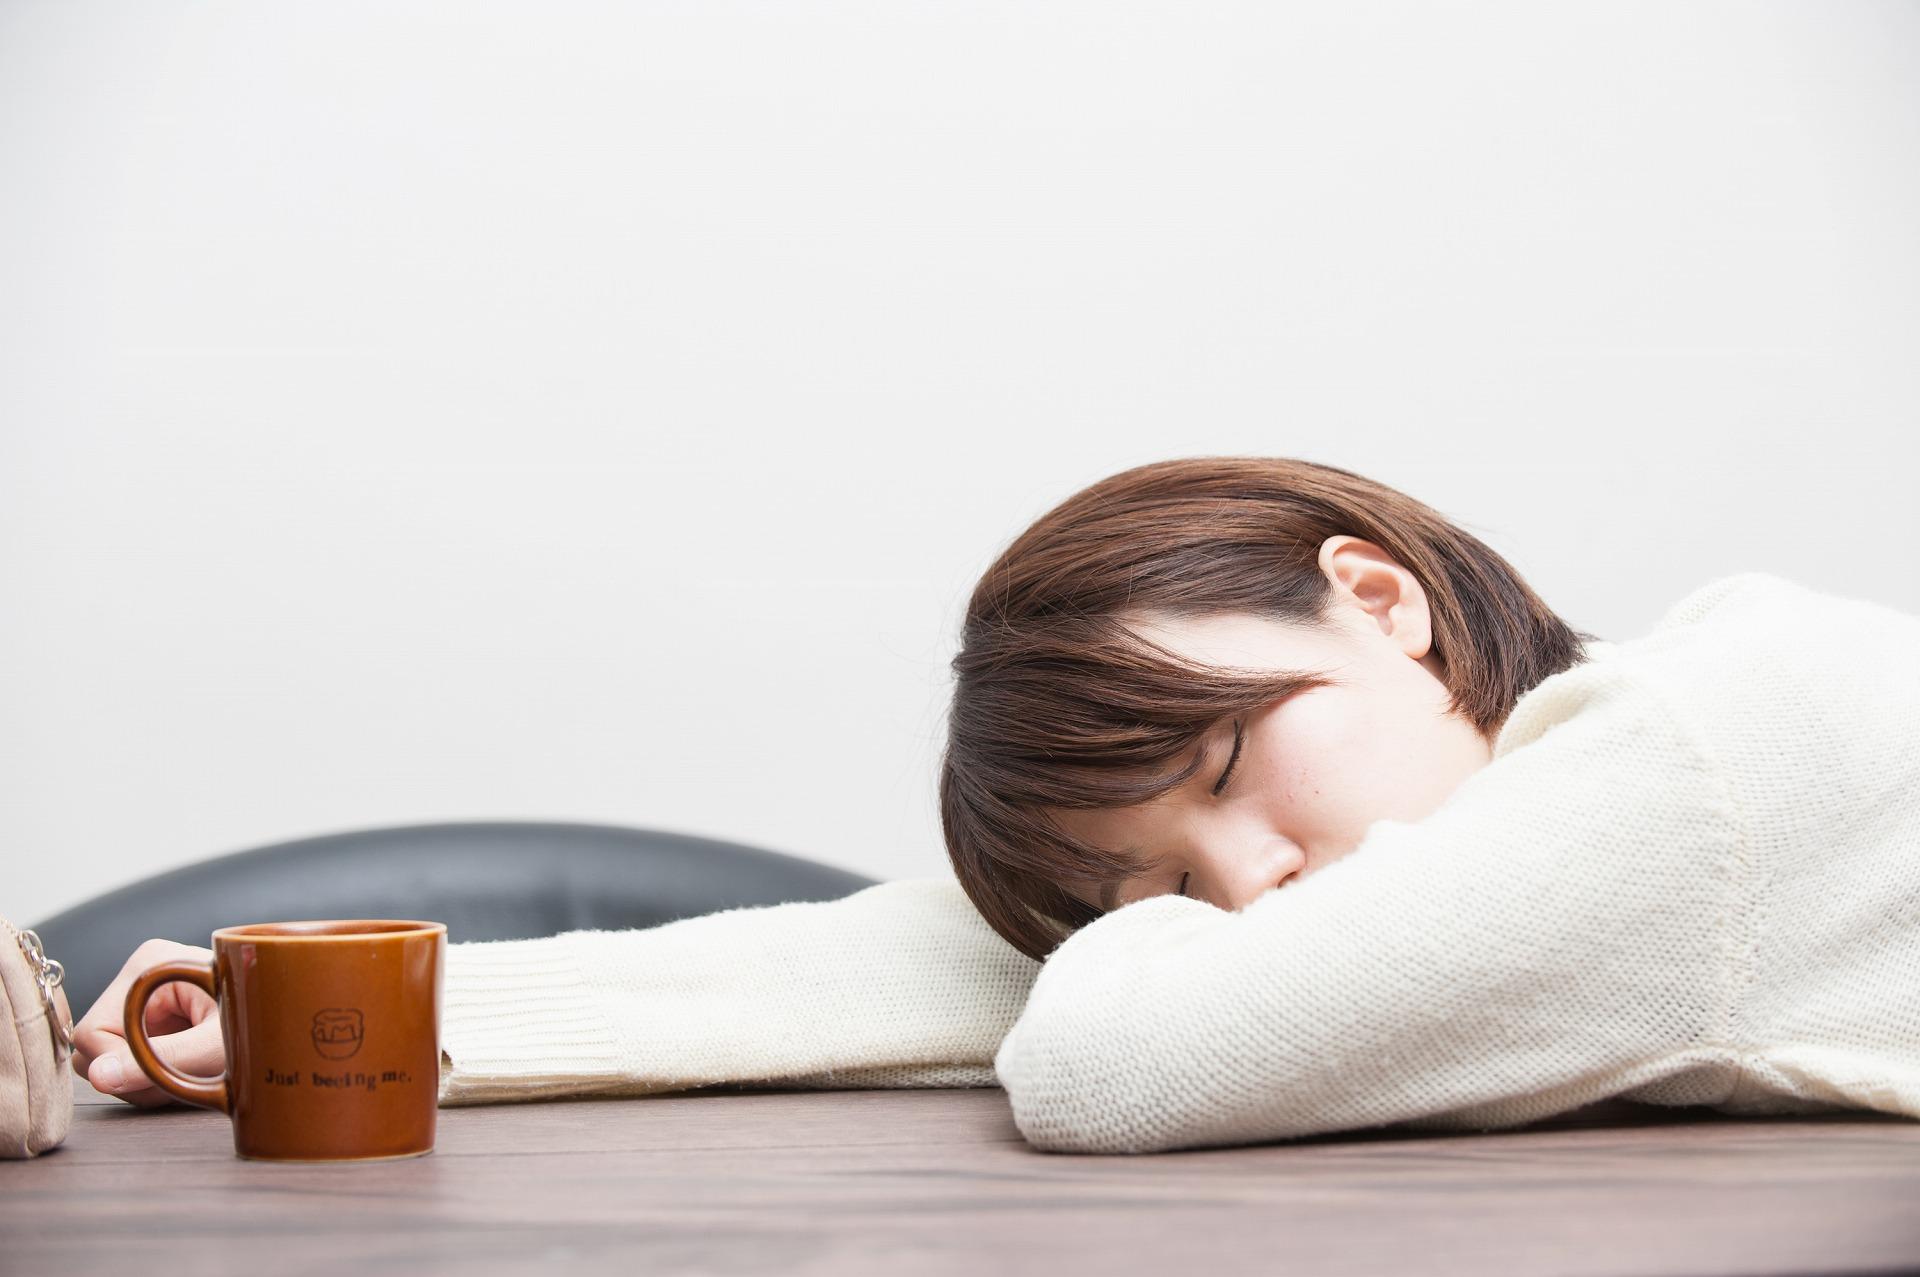 コーヒーを飲んだ後、眠気に襲われ・・・